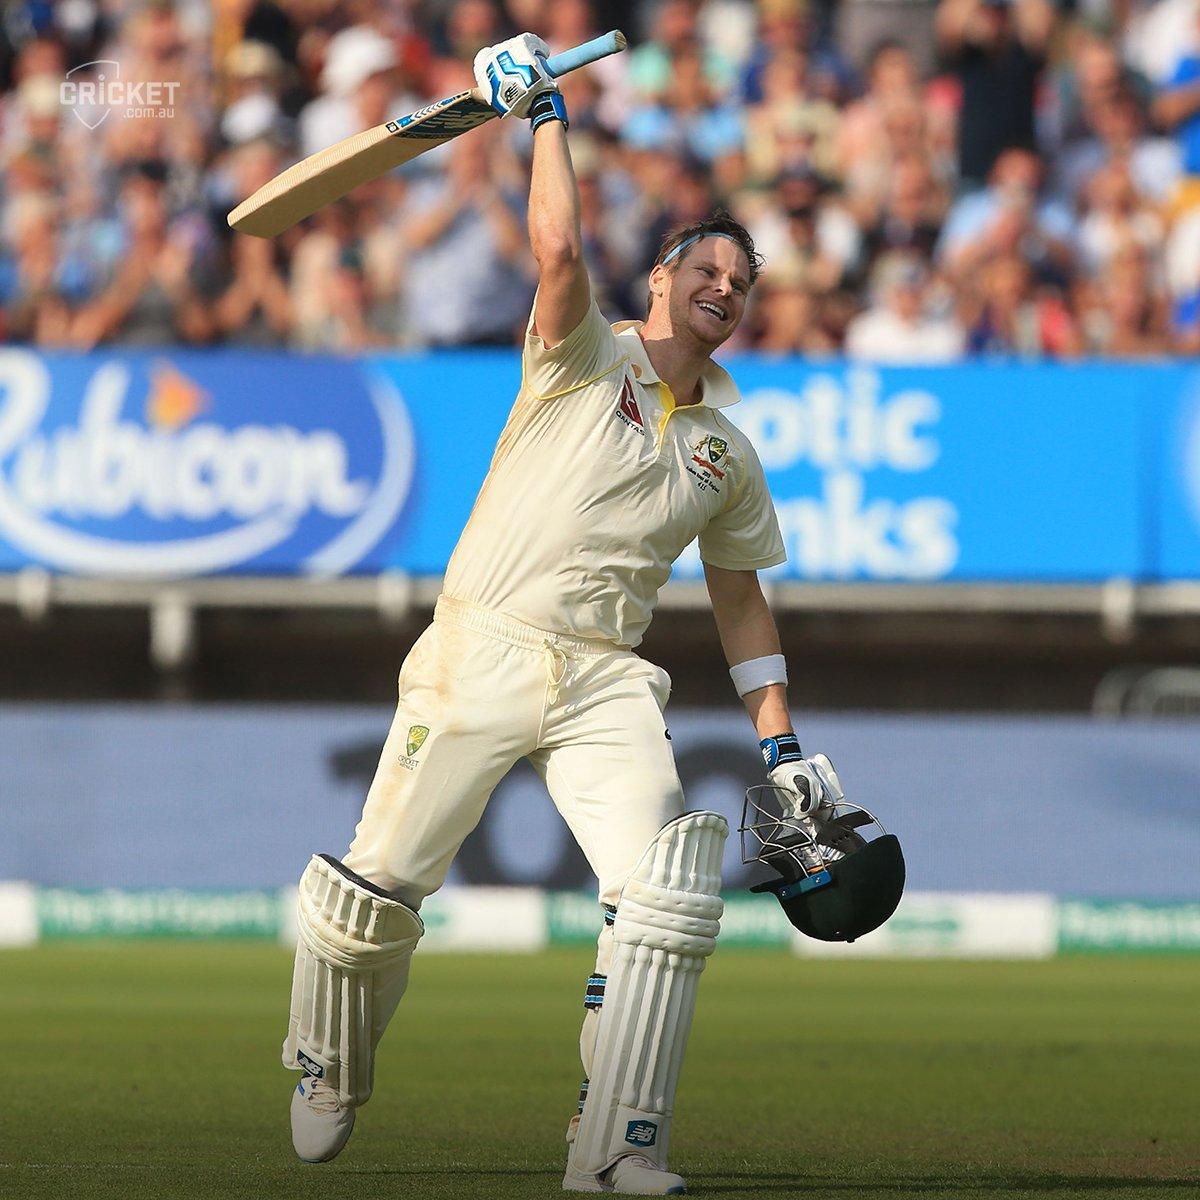 एशेज 2019: एजबेस्टन टेस्ट के पहले दिन स्टीव स्मिथ ने लगाई रिकार्ड्स की झड़ी, स्टुअर्ट ब्रॉड ने भी रचा इतिहास 1